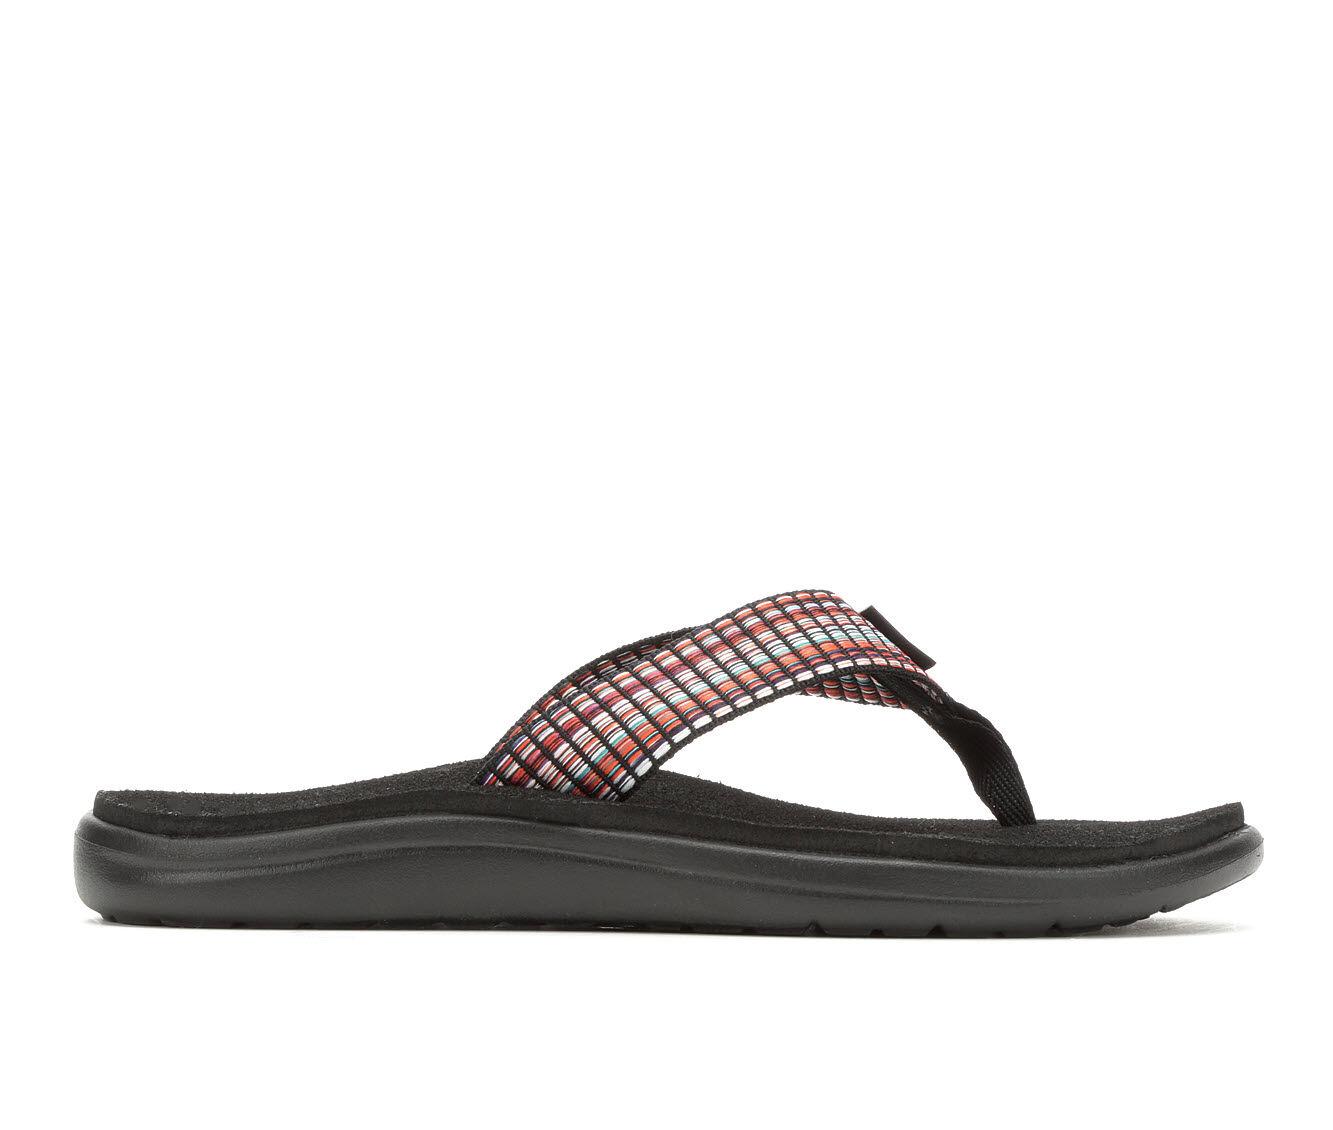 Clearance Women's Teva Voya Flip W Sandals Black Multi